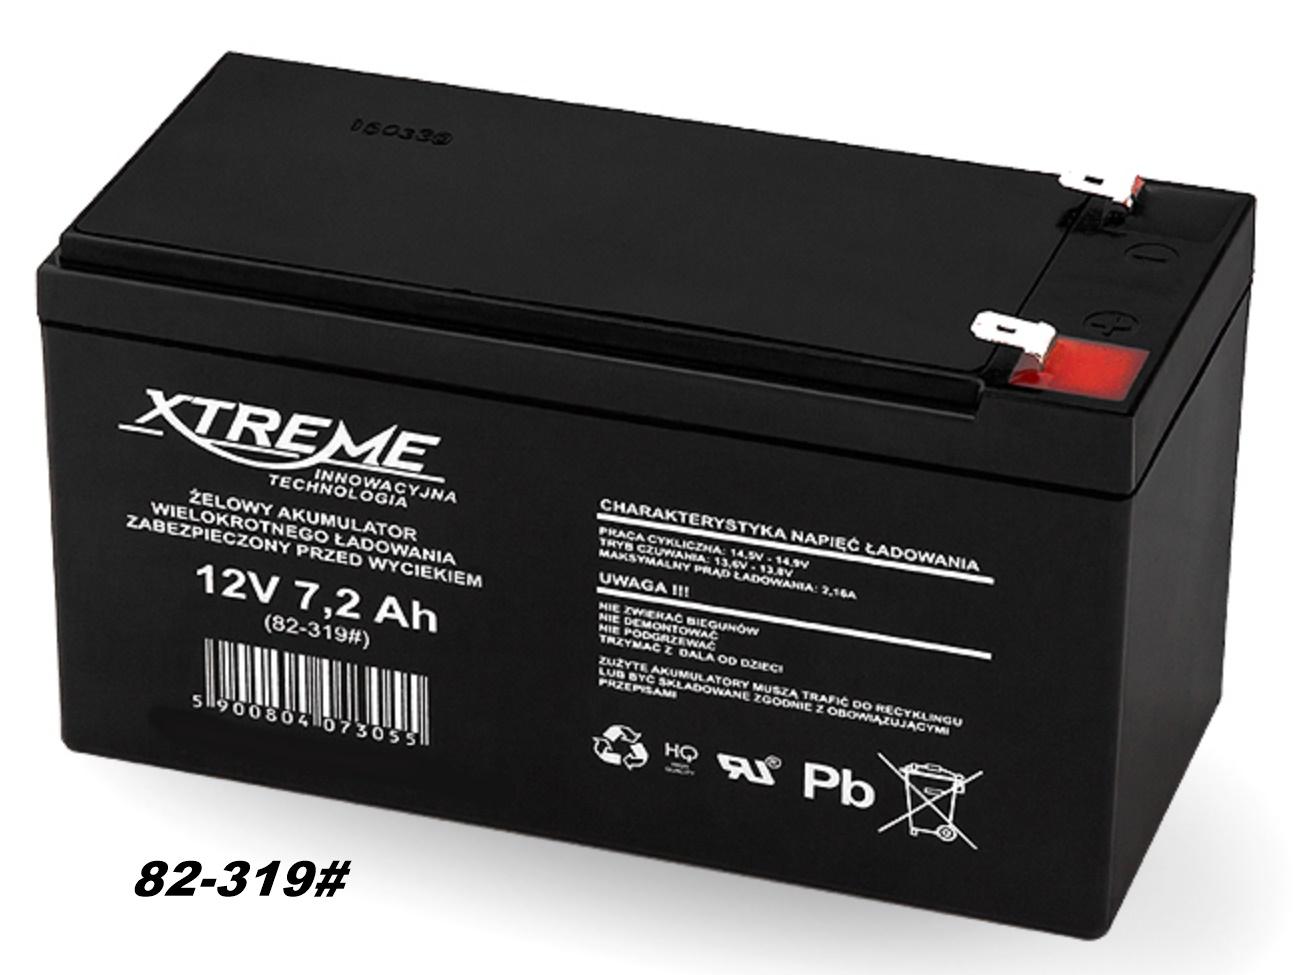 AGM-Batterie 12V 7,2Ah  von XTREME – Markenware